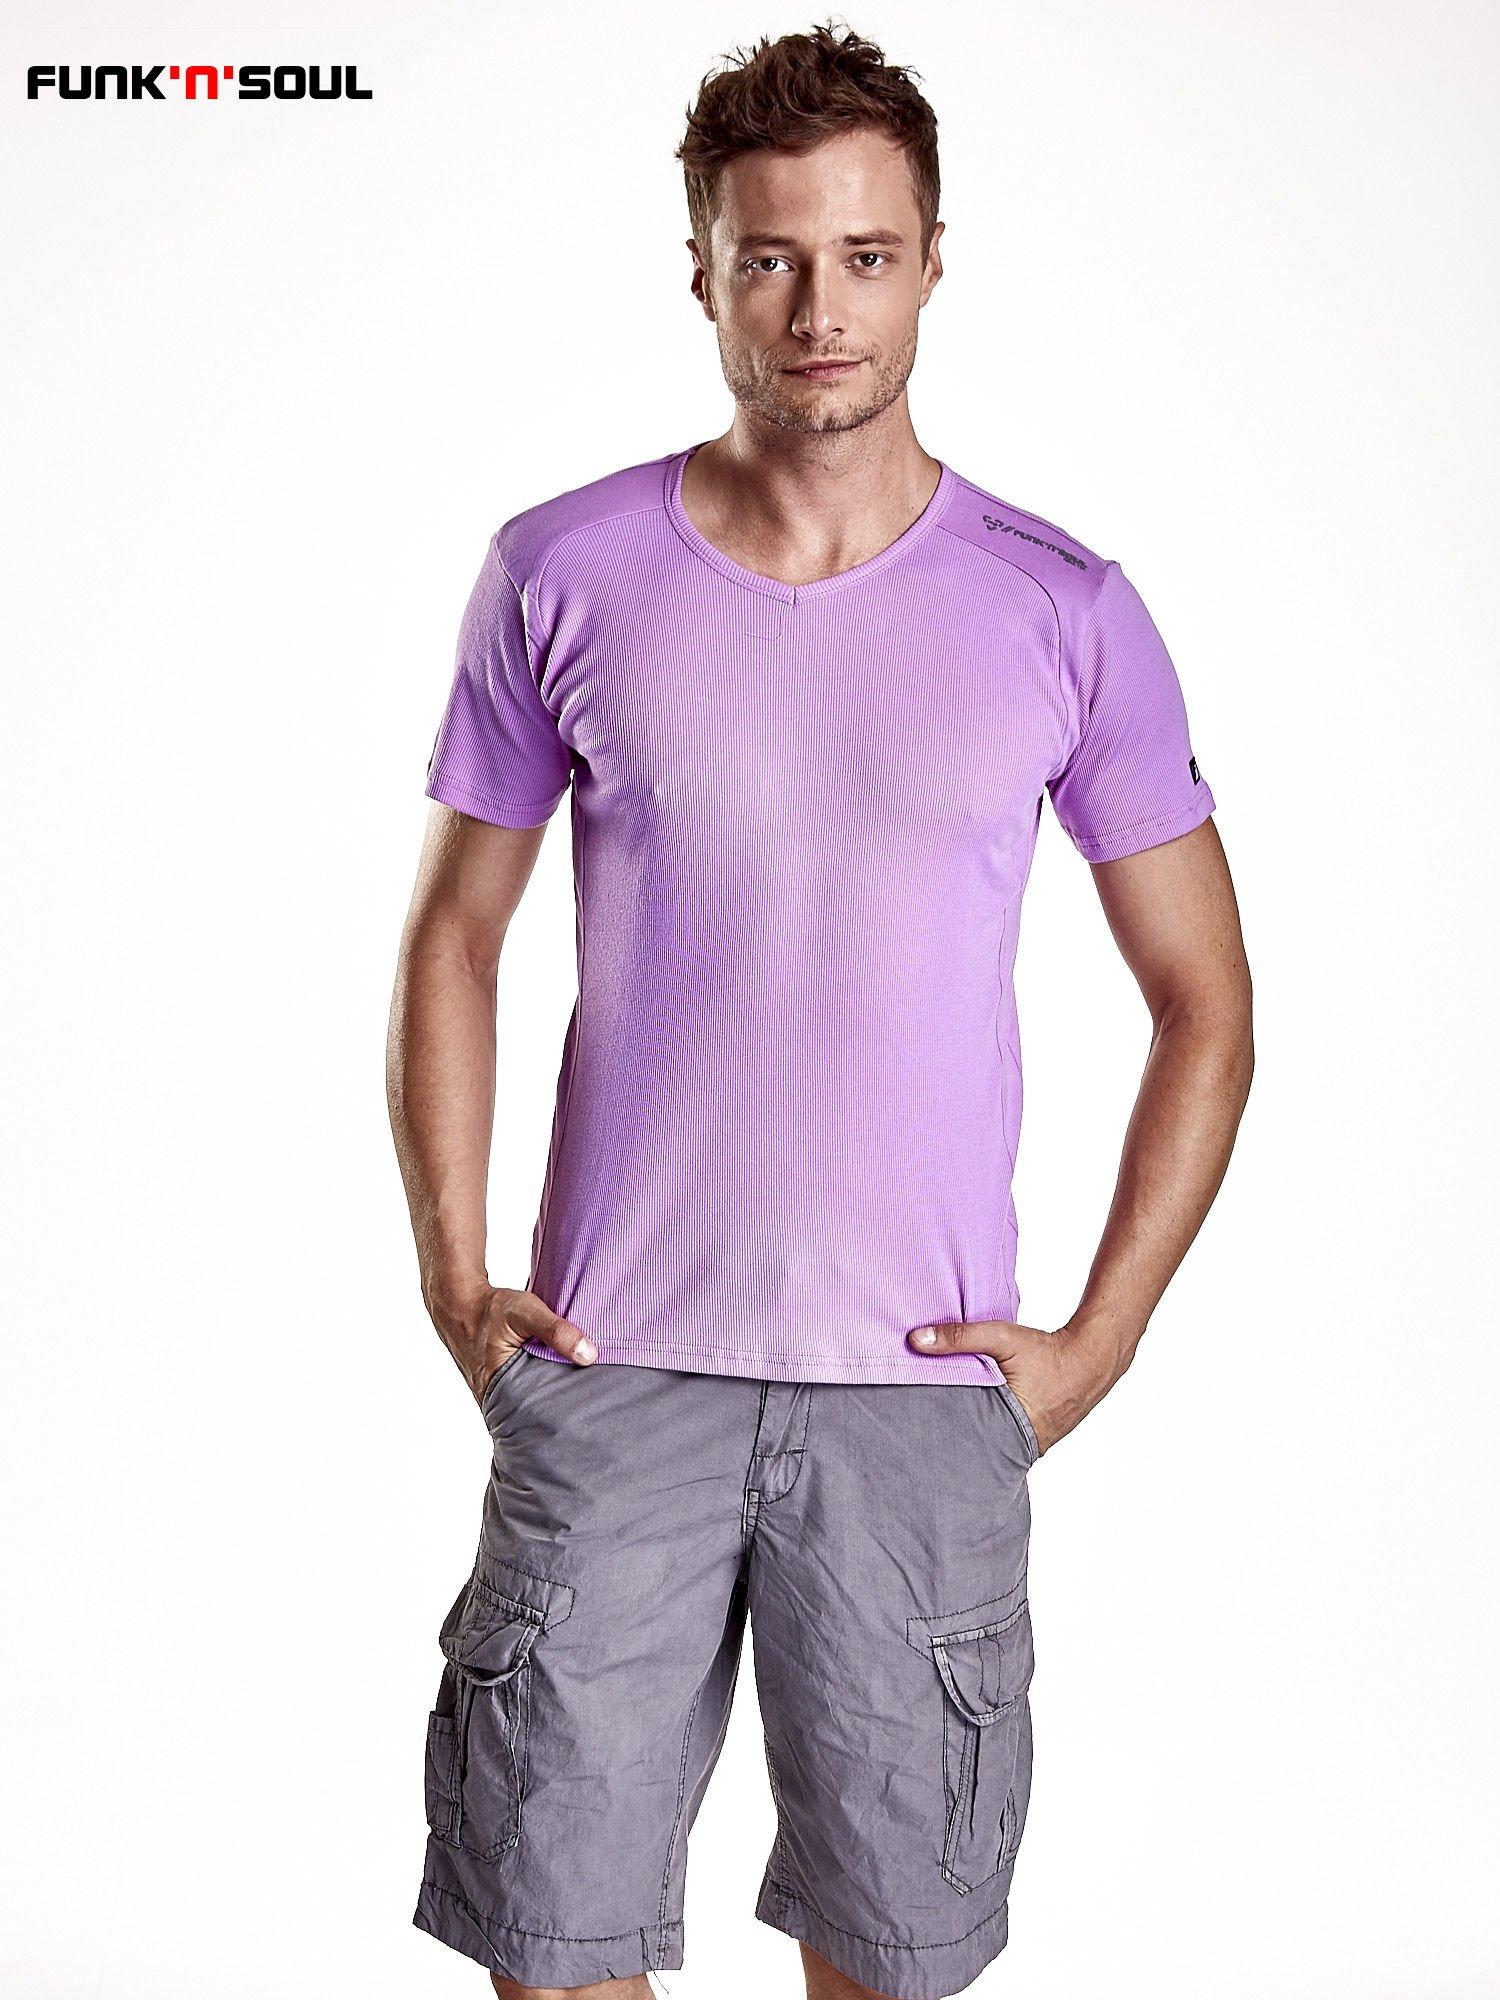 Fioletowy t-shirt męski w prążki Funk n Soul                                  zdj.                                  1